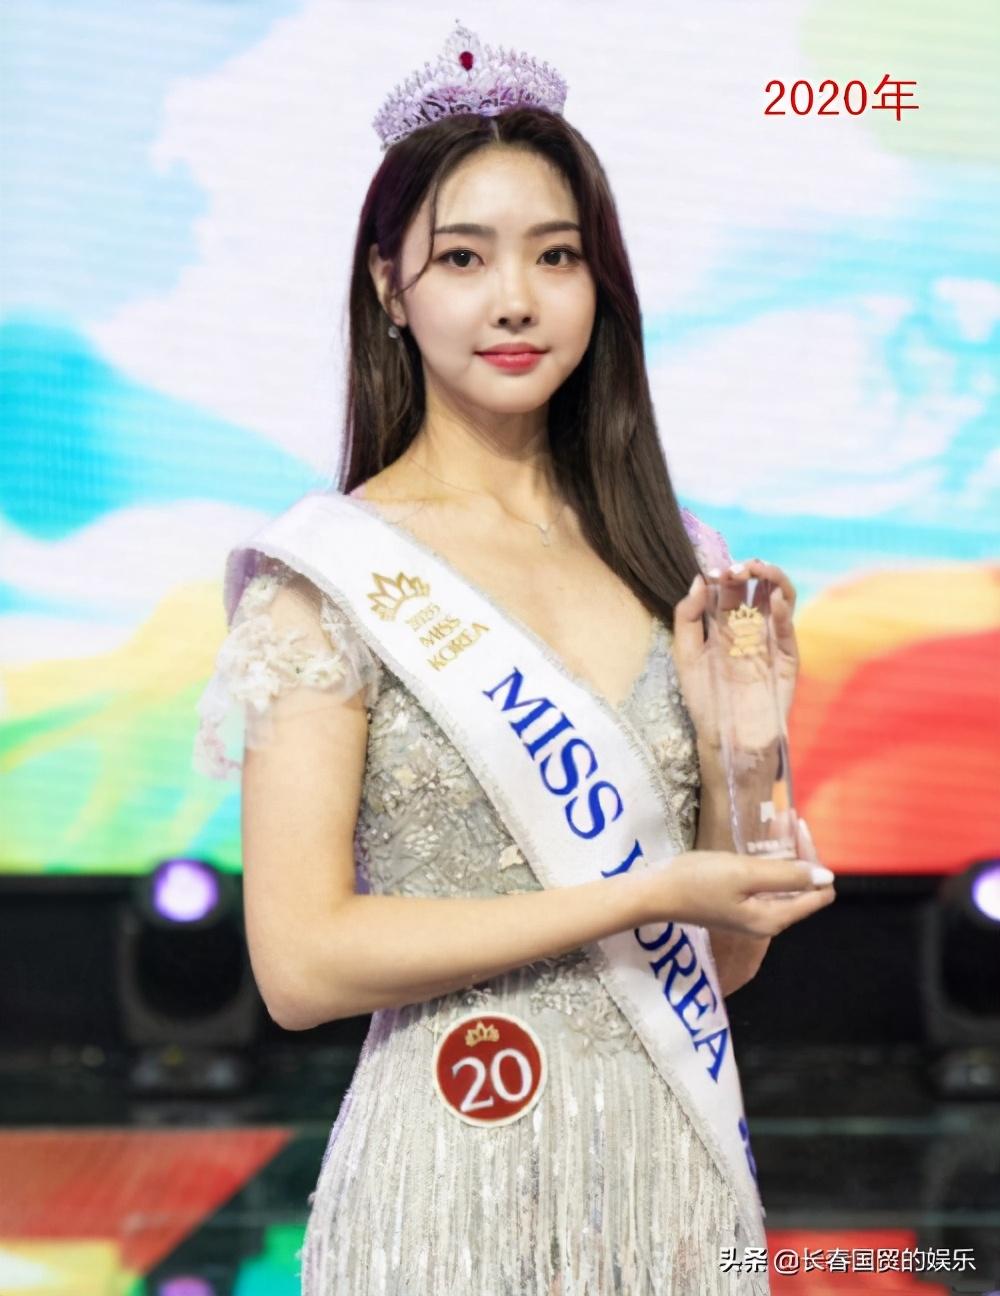 """2020年""""韩国小姐""""冠军出炉:10届冠军大比拼,哪个最漂亮"""